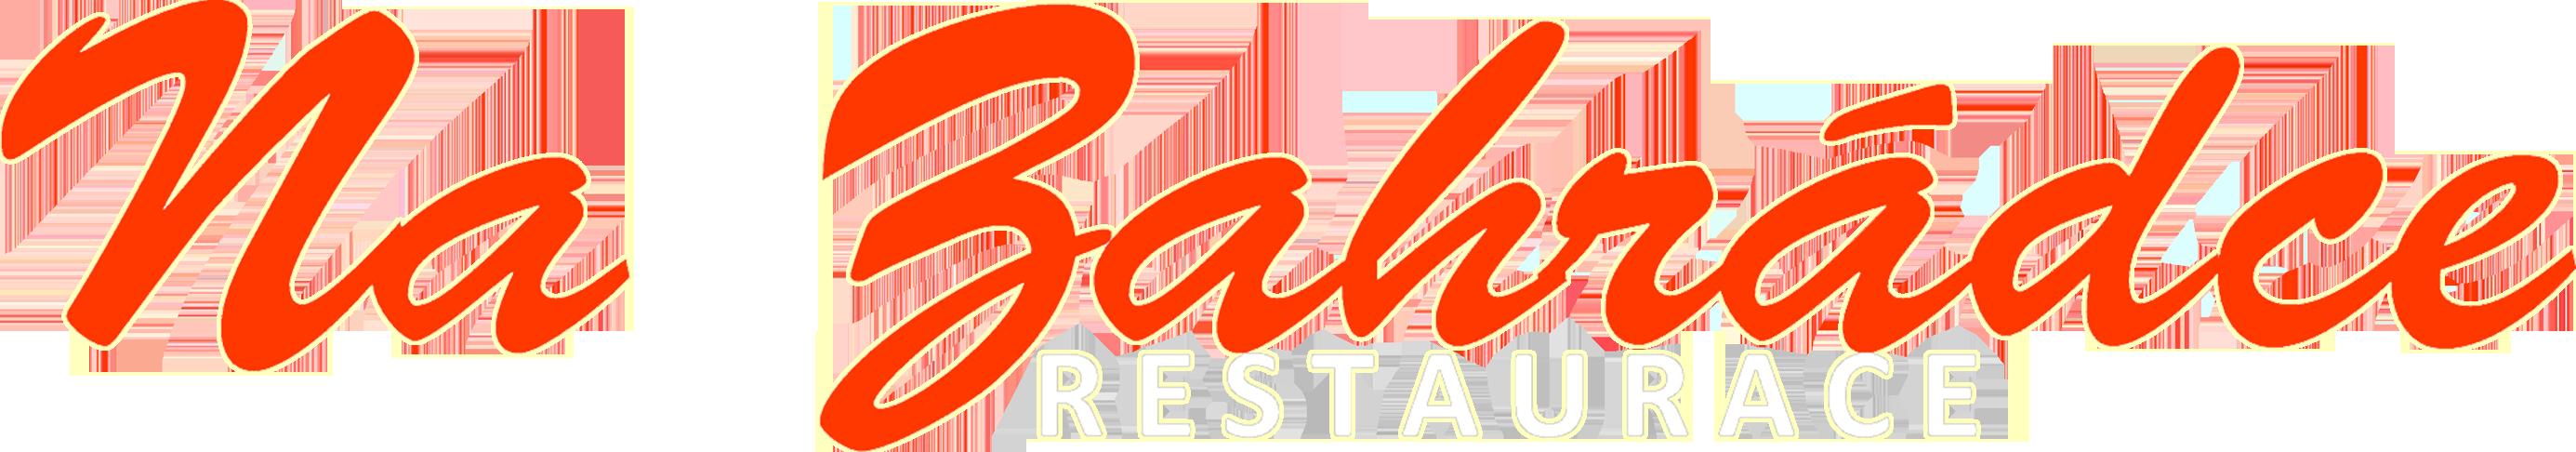 www.restauracenazahradce.cz